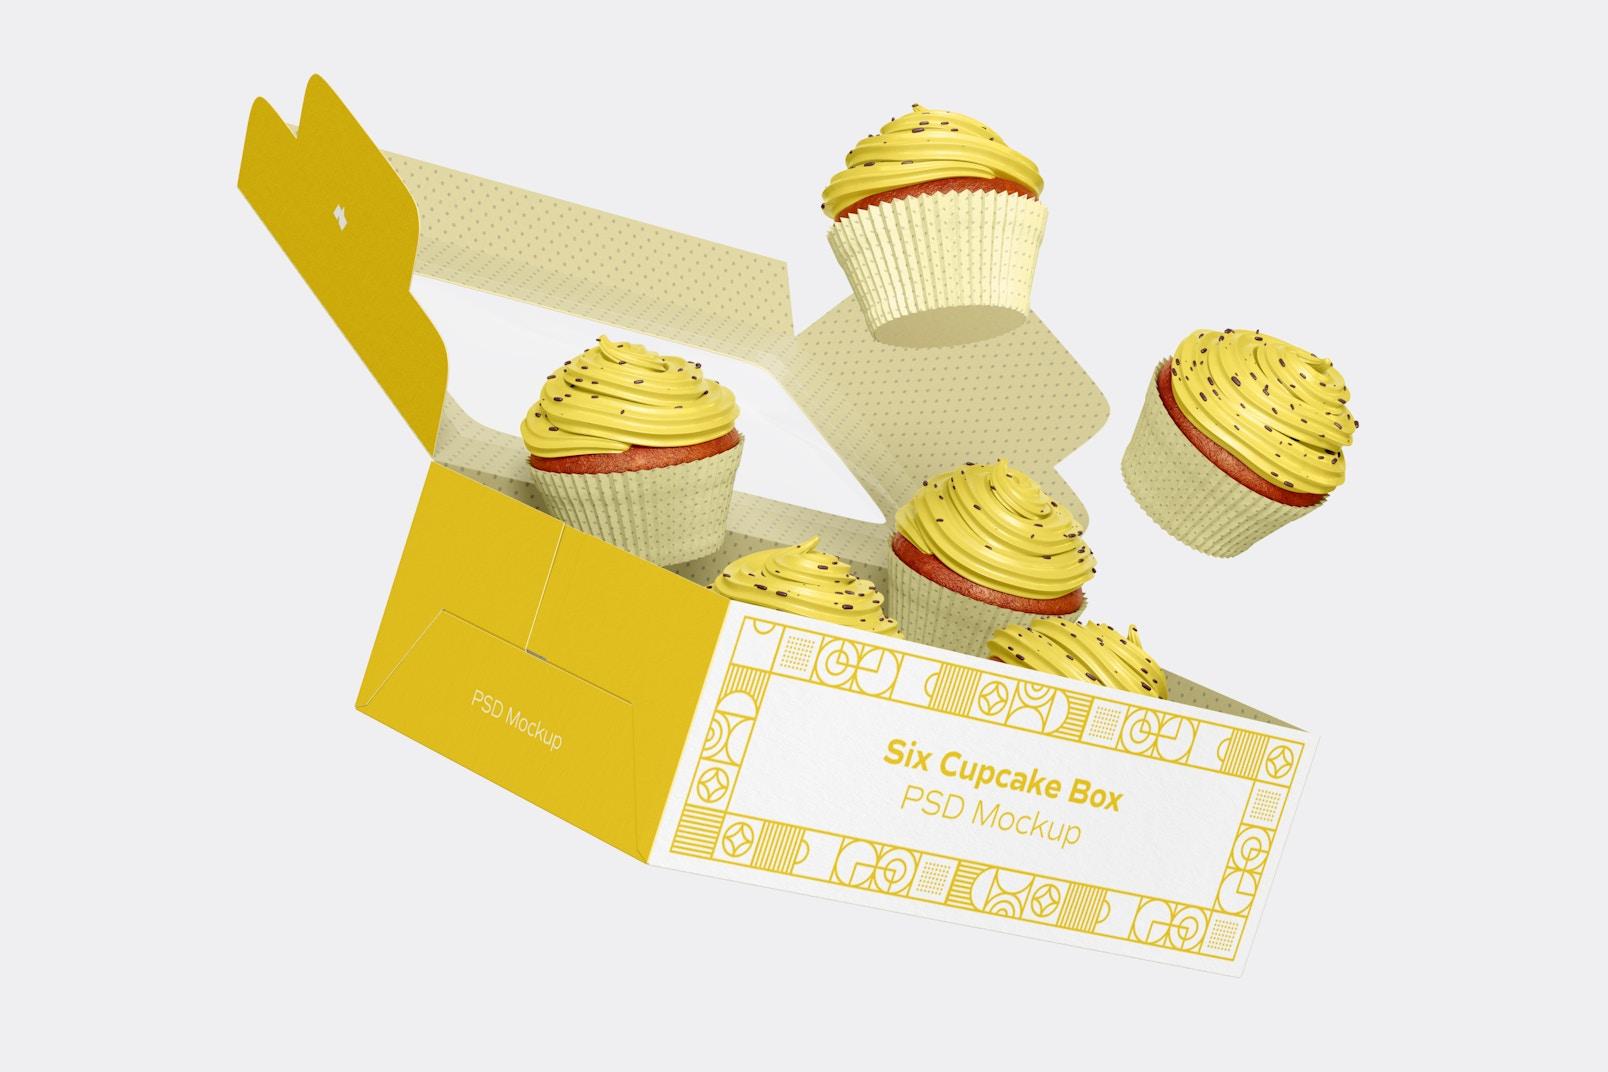 Six Cupcake Box Mockup, Falling